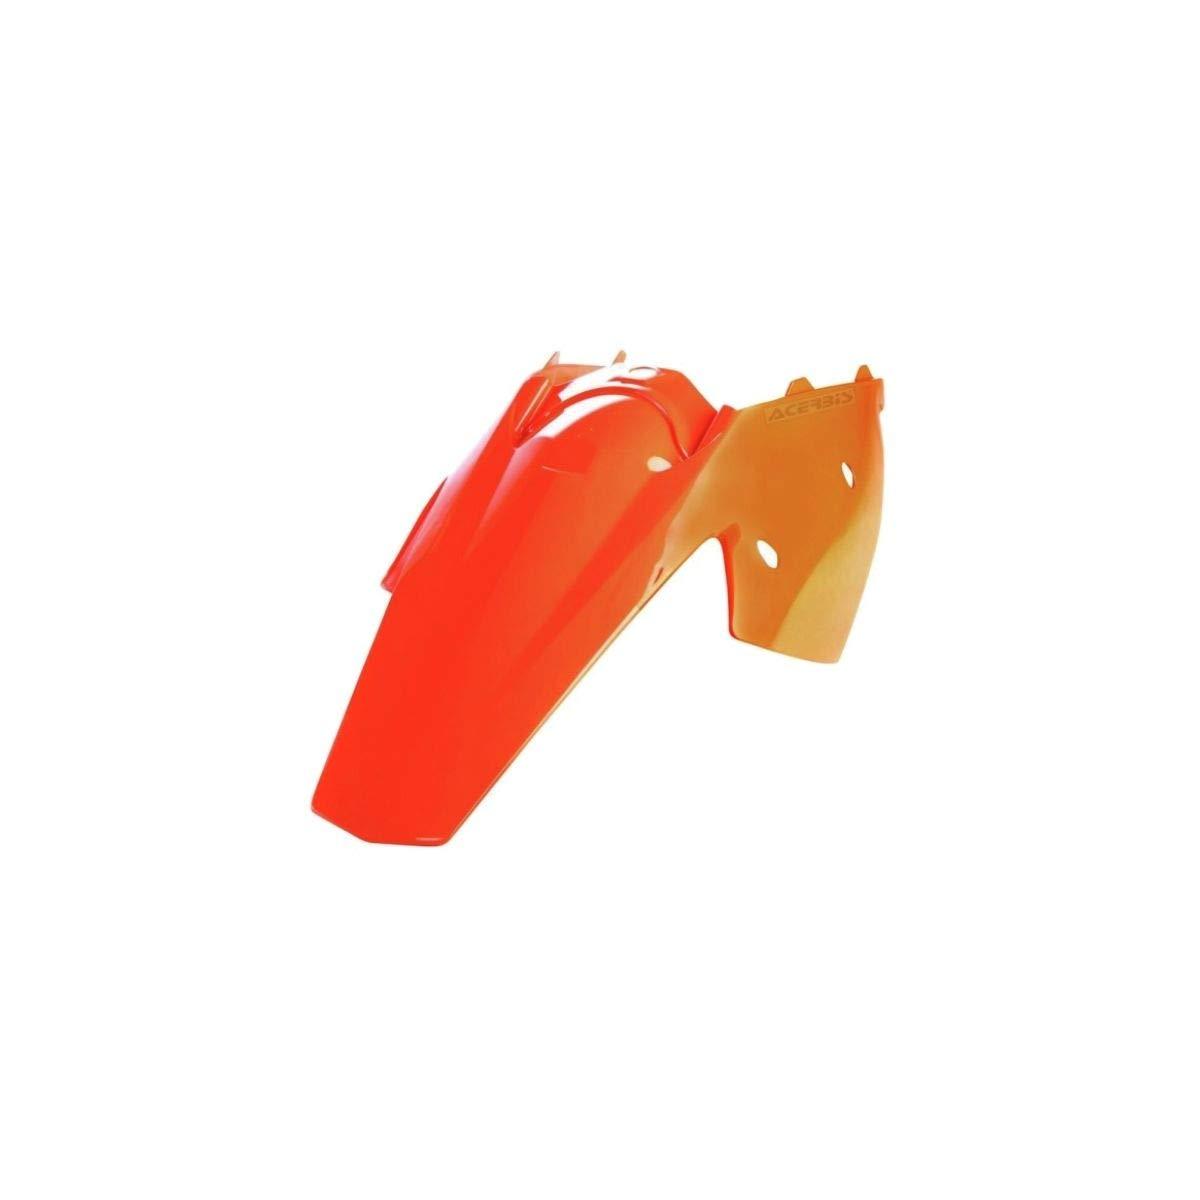 Acerbis 03-06 KTM 250SX Rear Fender Pod Orange